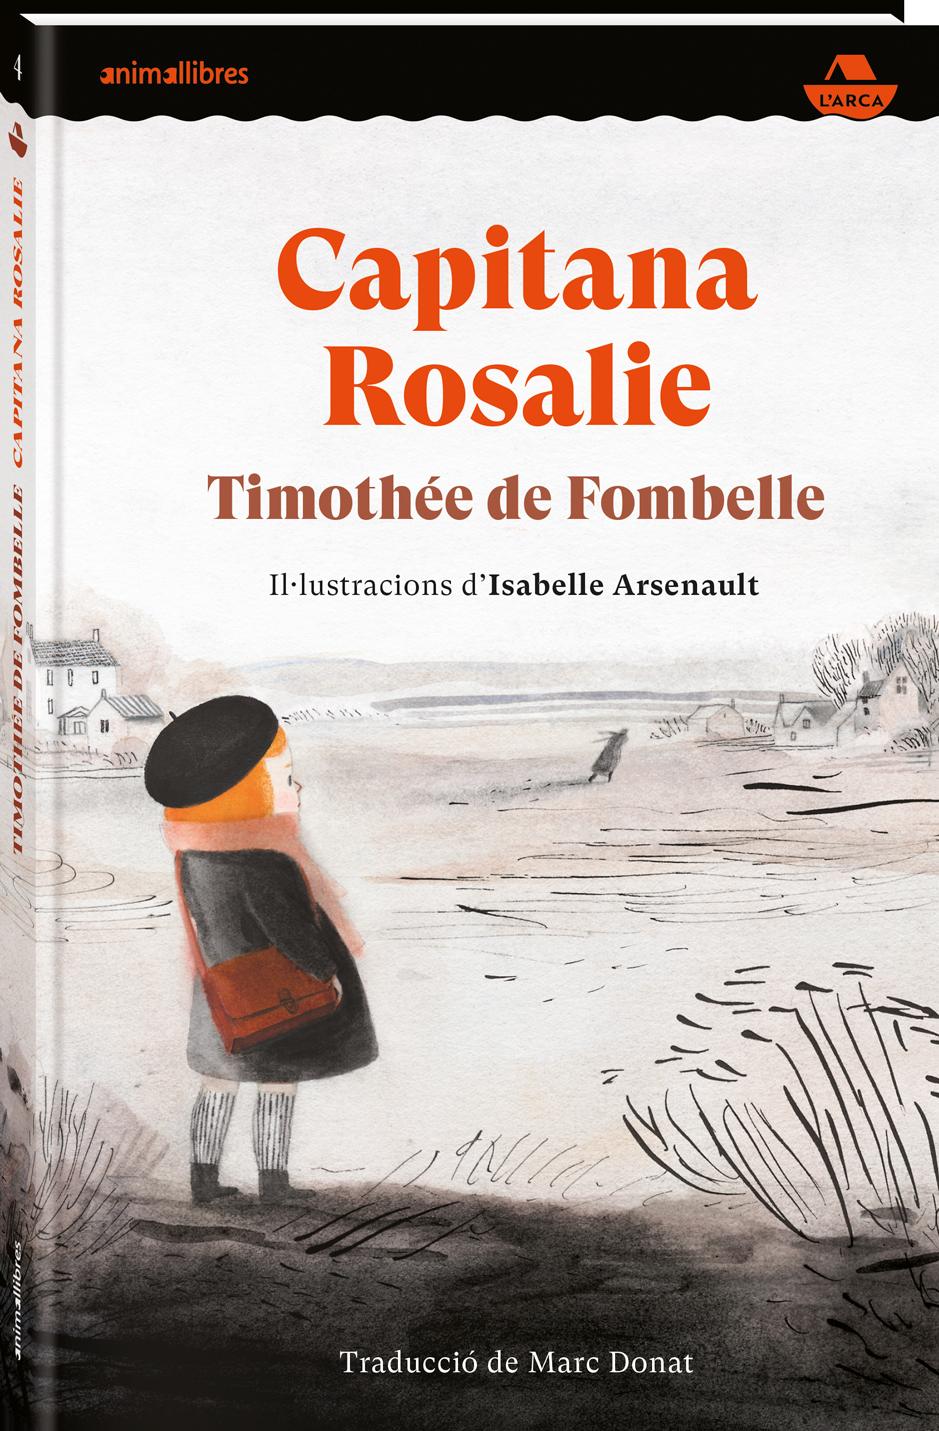 004_Capitana-Rosalie.png